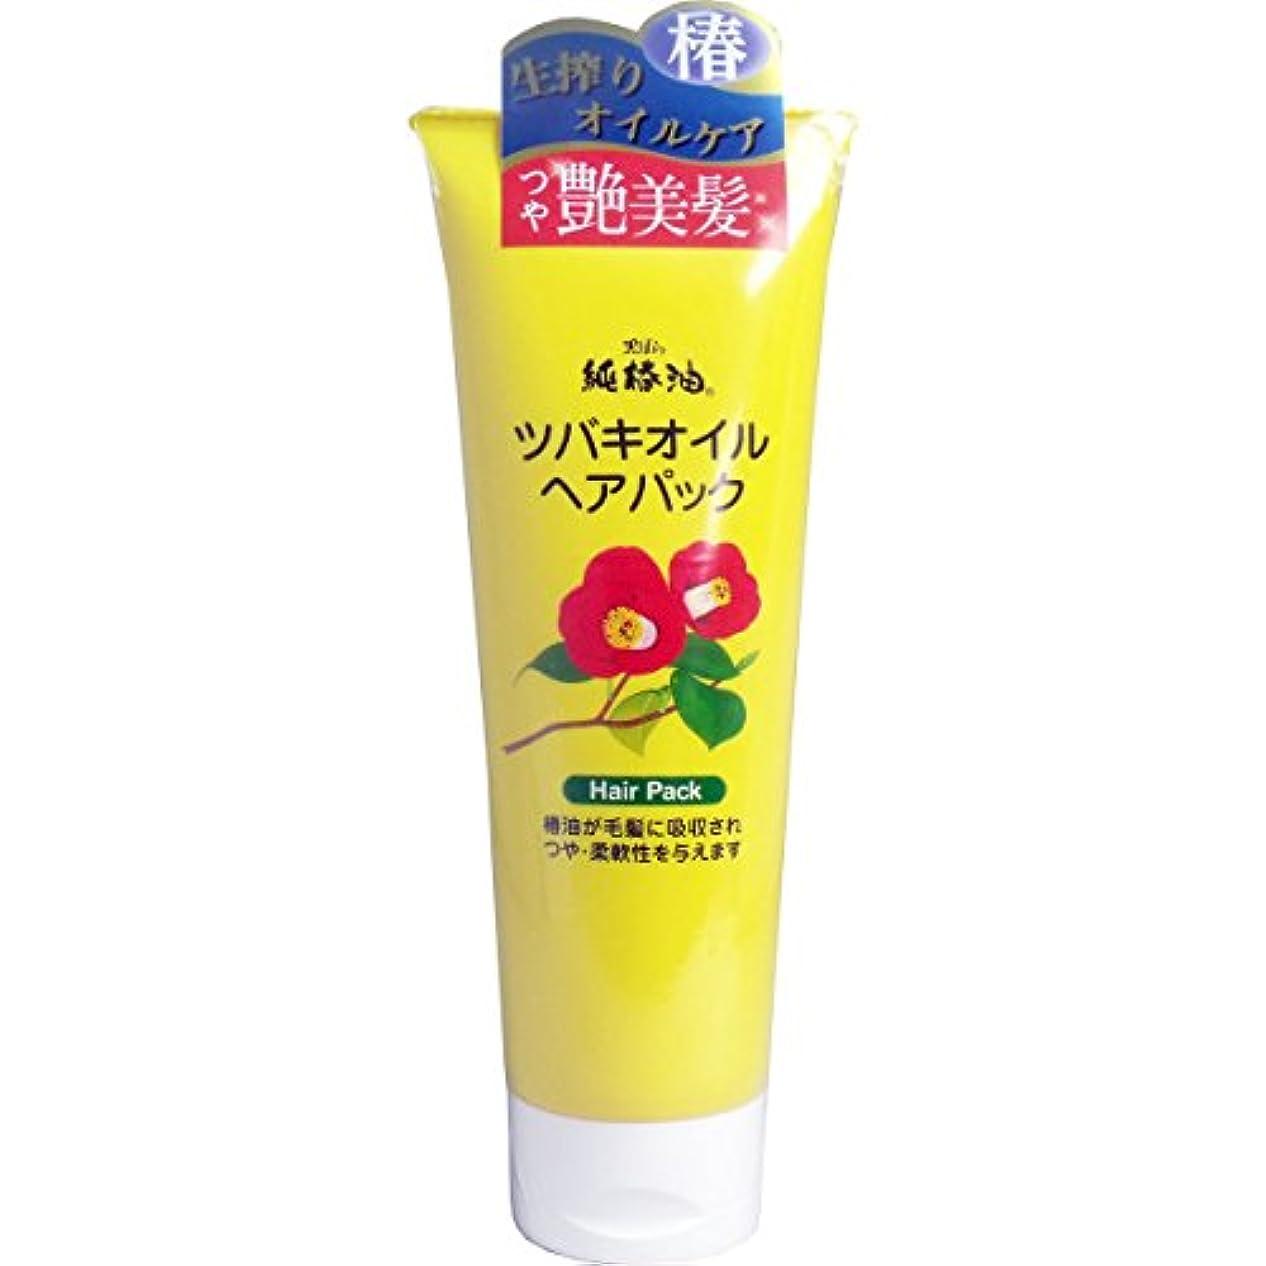 覚えている歪める繁栄黒ばら 純椿油 ツバキオイルヘアパック 3セット